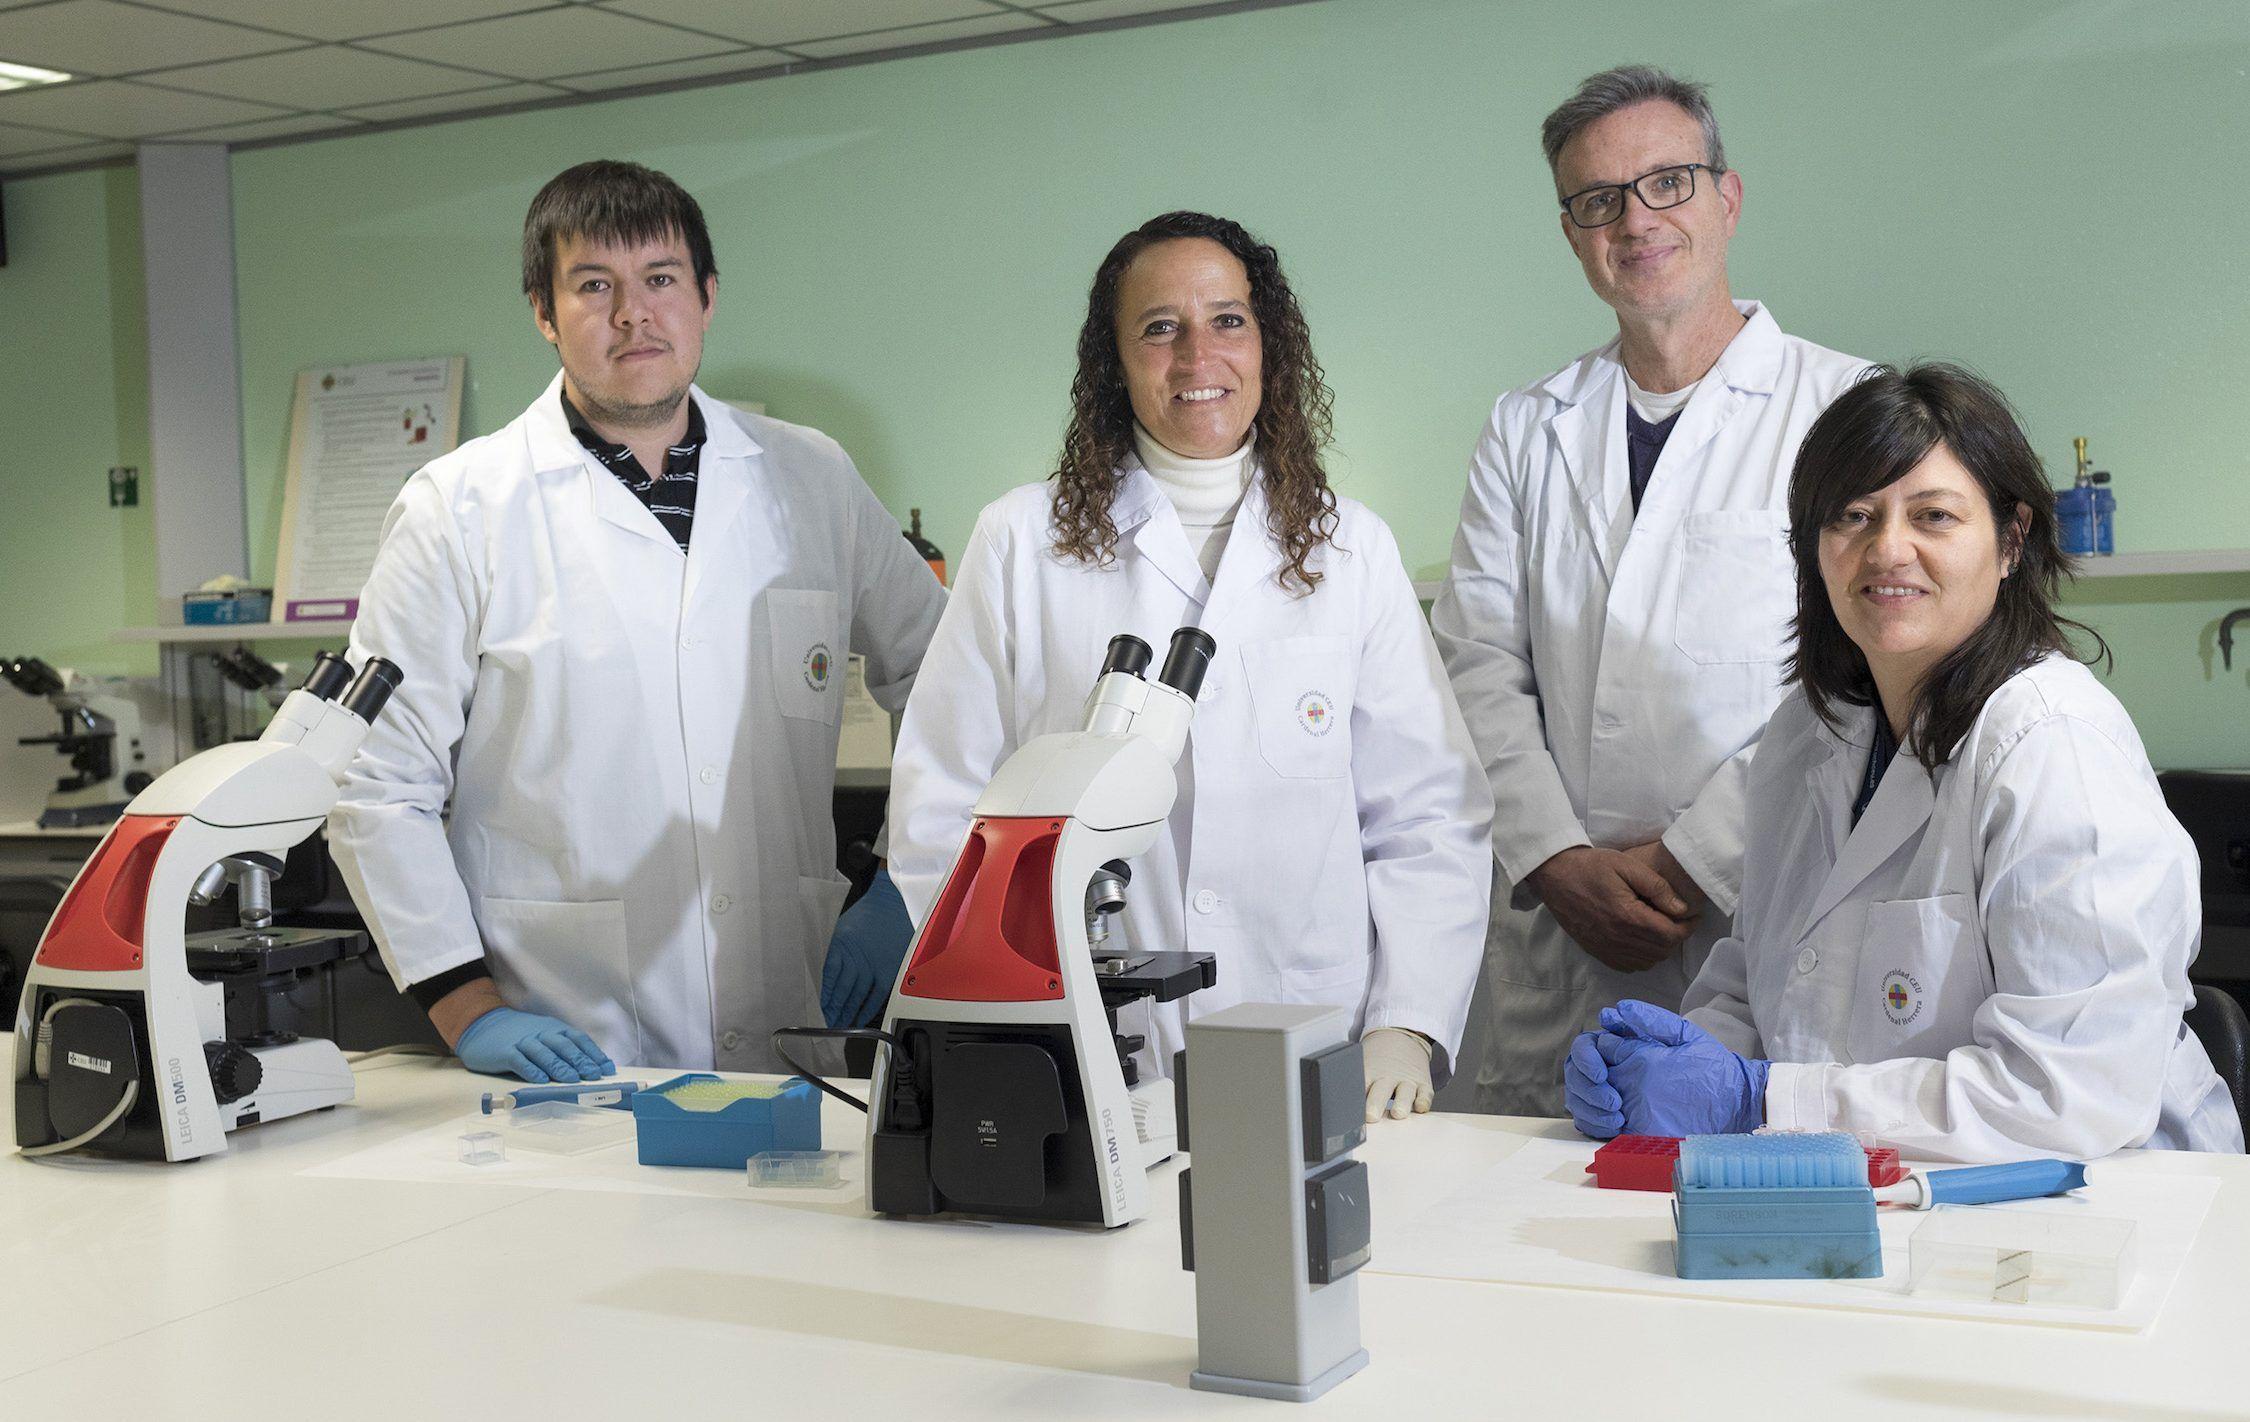 Los investigadores de la Universidad Nacional de la Patagonia Jorge García y Graciela Ponce, con Javier Orenga, del Hospital Universitario de La Plana, y Paula Sánchez Thevenet, de la CEU UCH de Castellón.